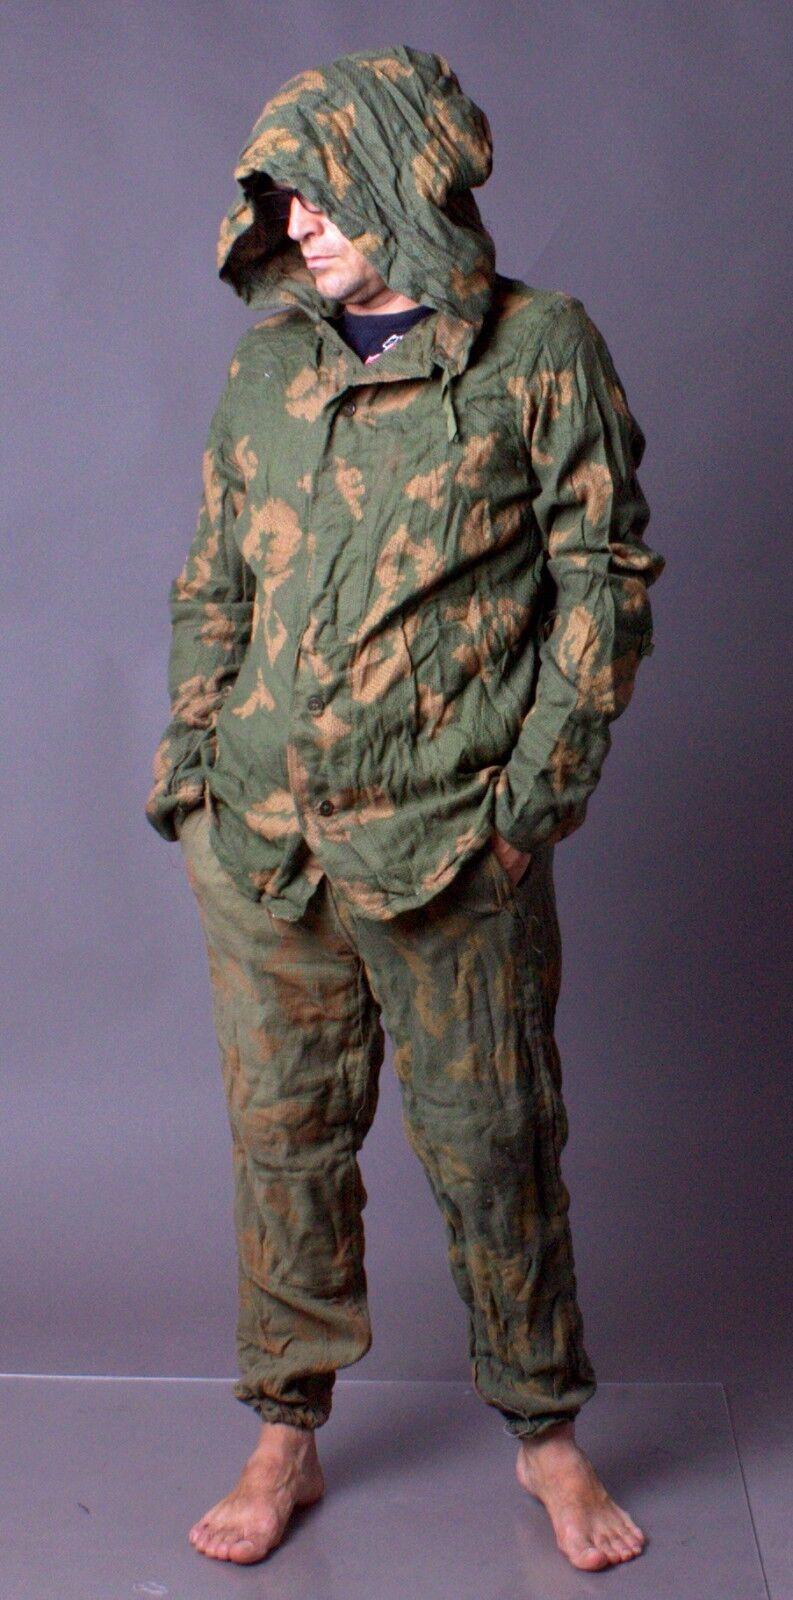 80s New Vintage USSR MILITARY BDU Kzs Soviet Army Soldier Uniform Camo Suit Sz 2